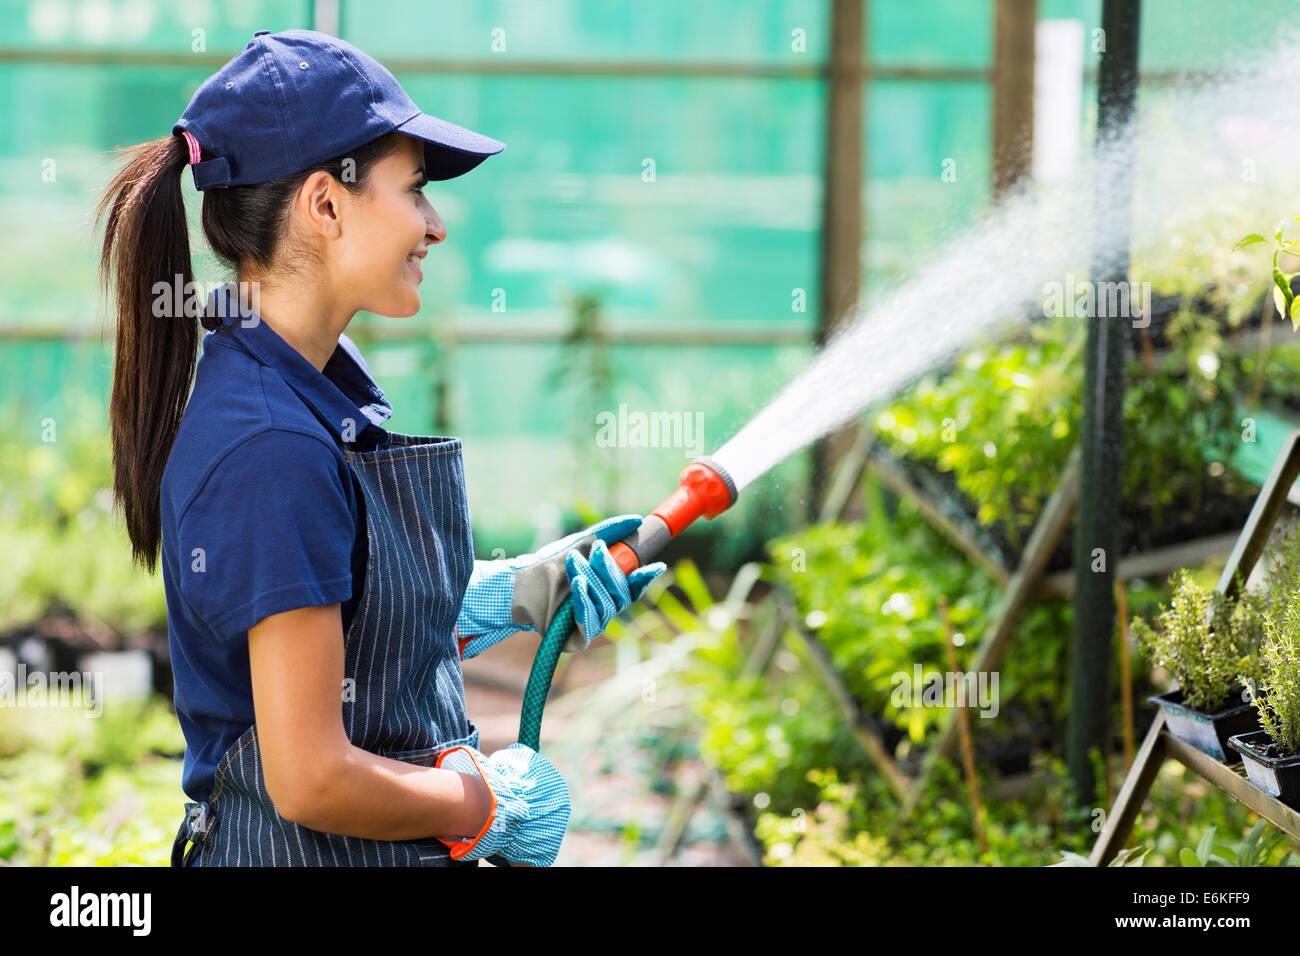 pretty female nursery worker watering plants in greenhouse Stock Photo